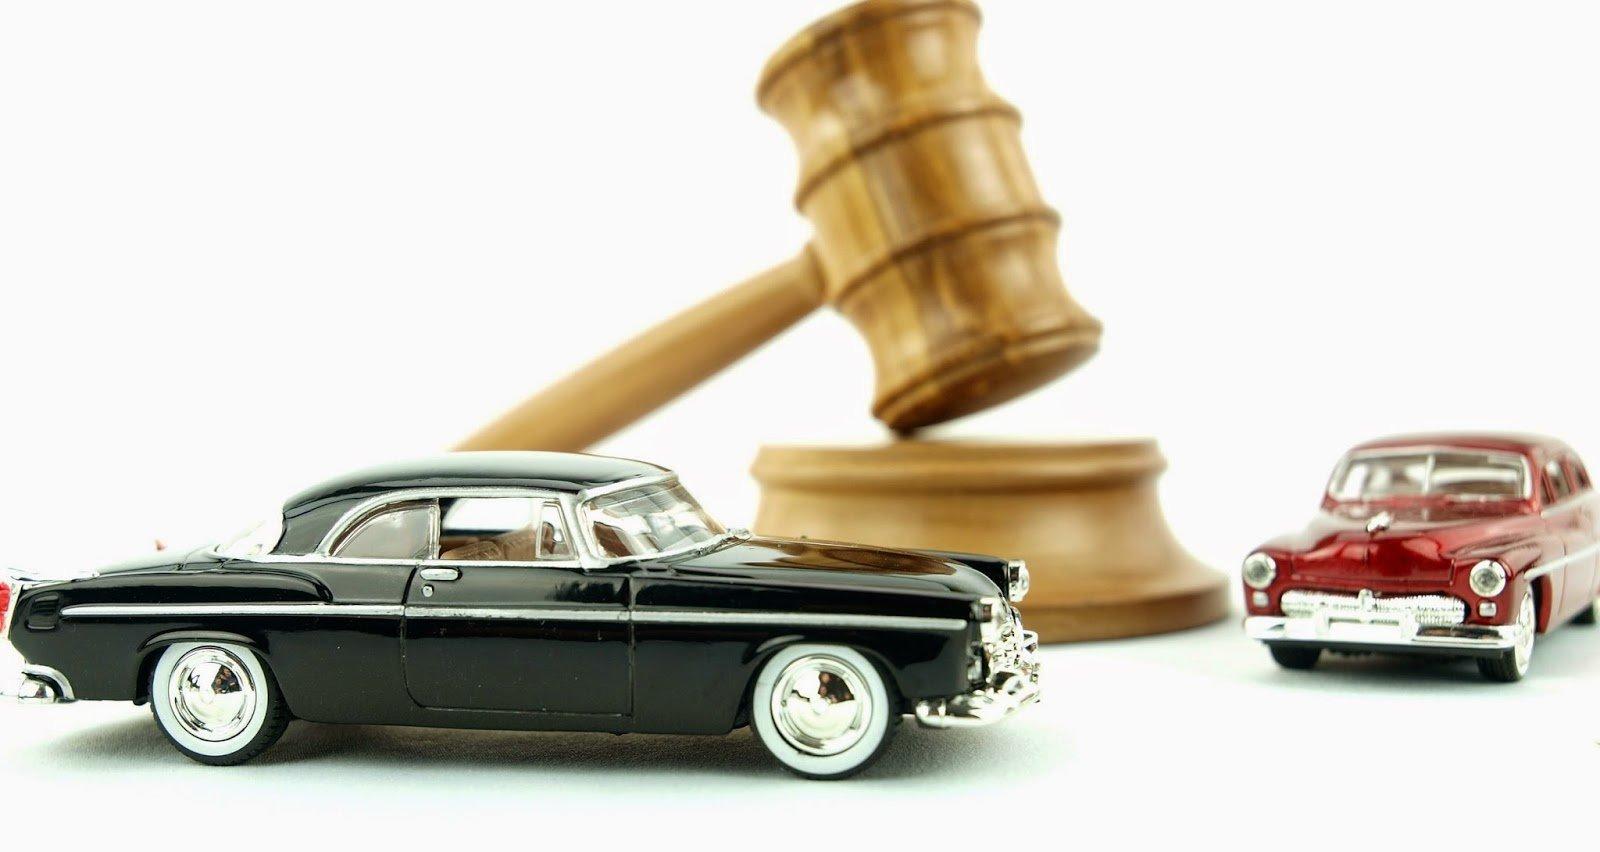 Продажа залоговых автомобилей сбербанком официальный сайт автоломбард под залог птс пермь